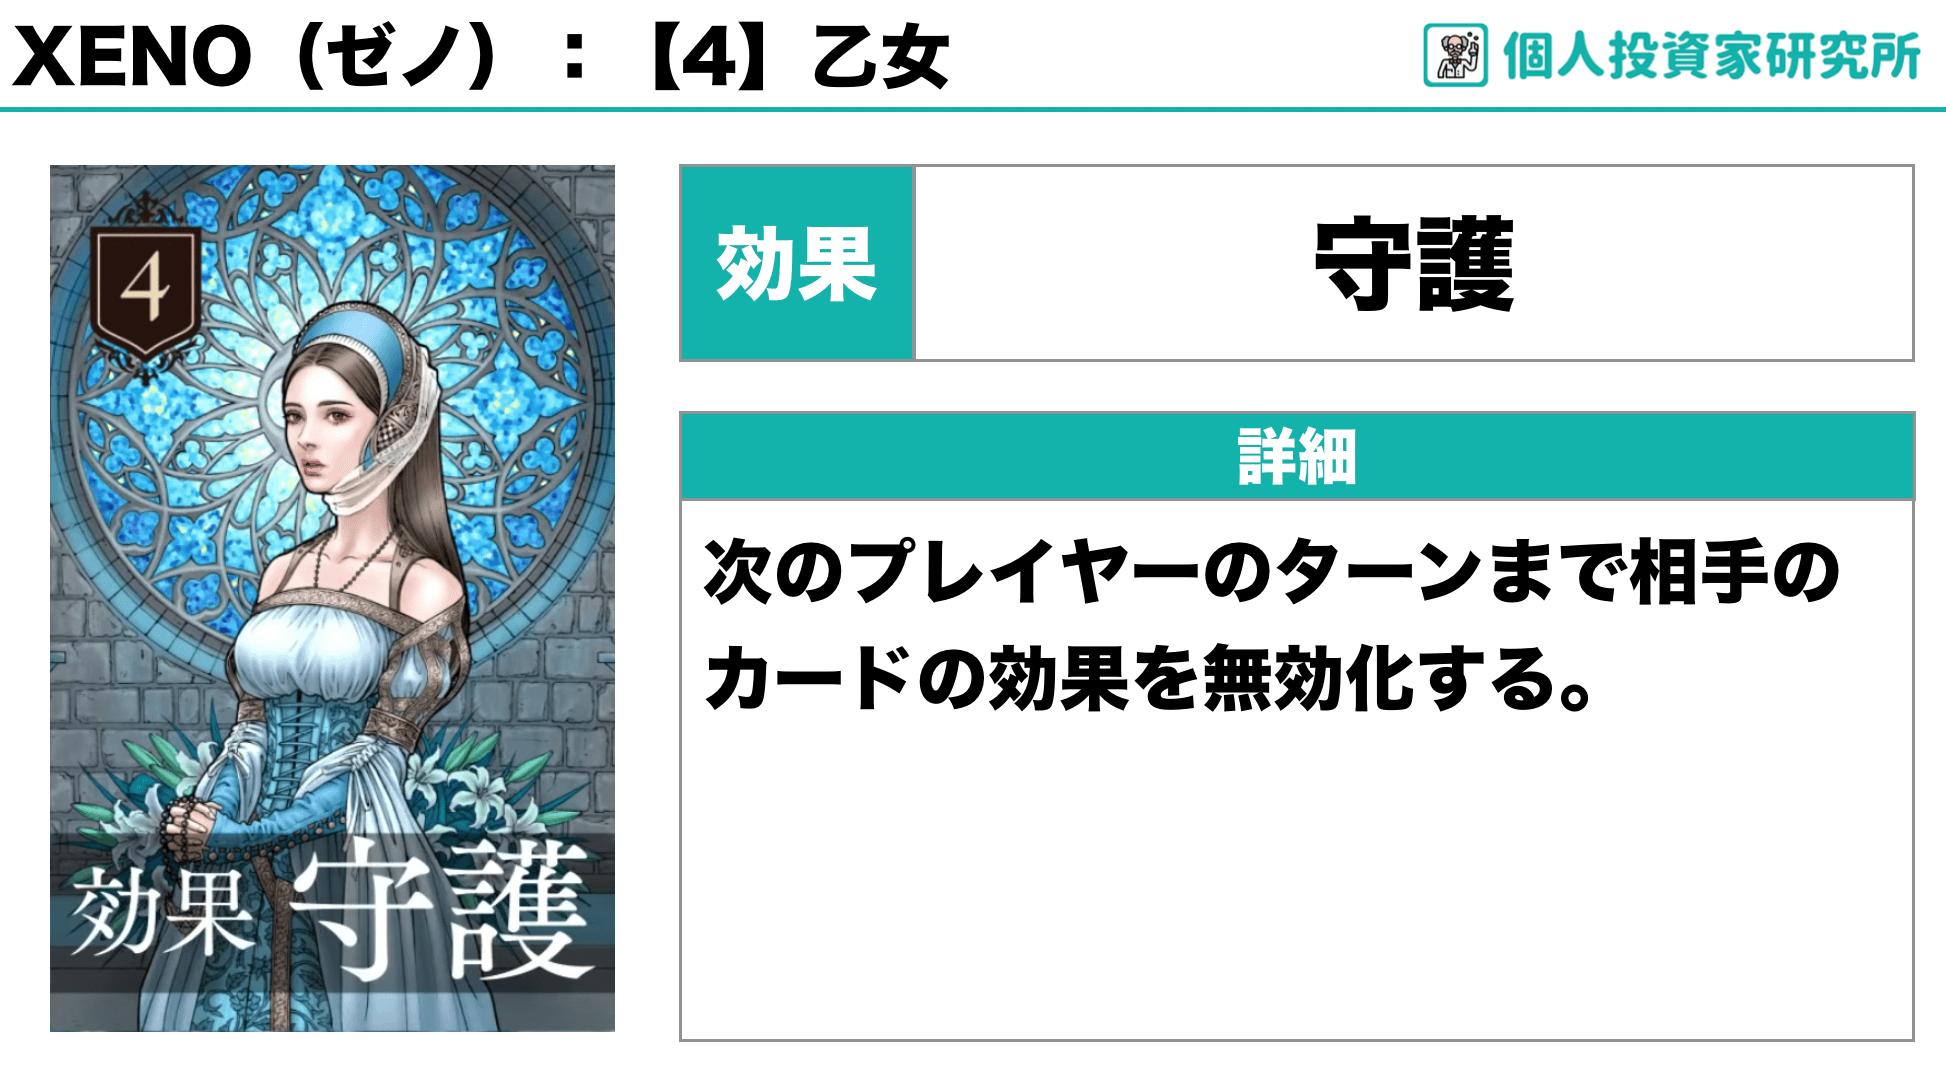 【ルール_カードの効果】中田敦彦さん考案のカードゲーム・XENO(ゼノ)4